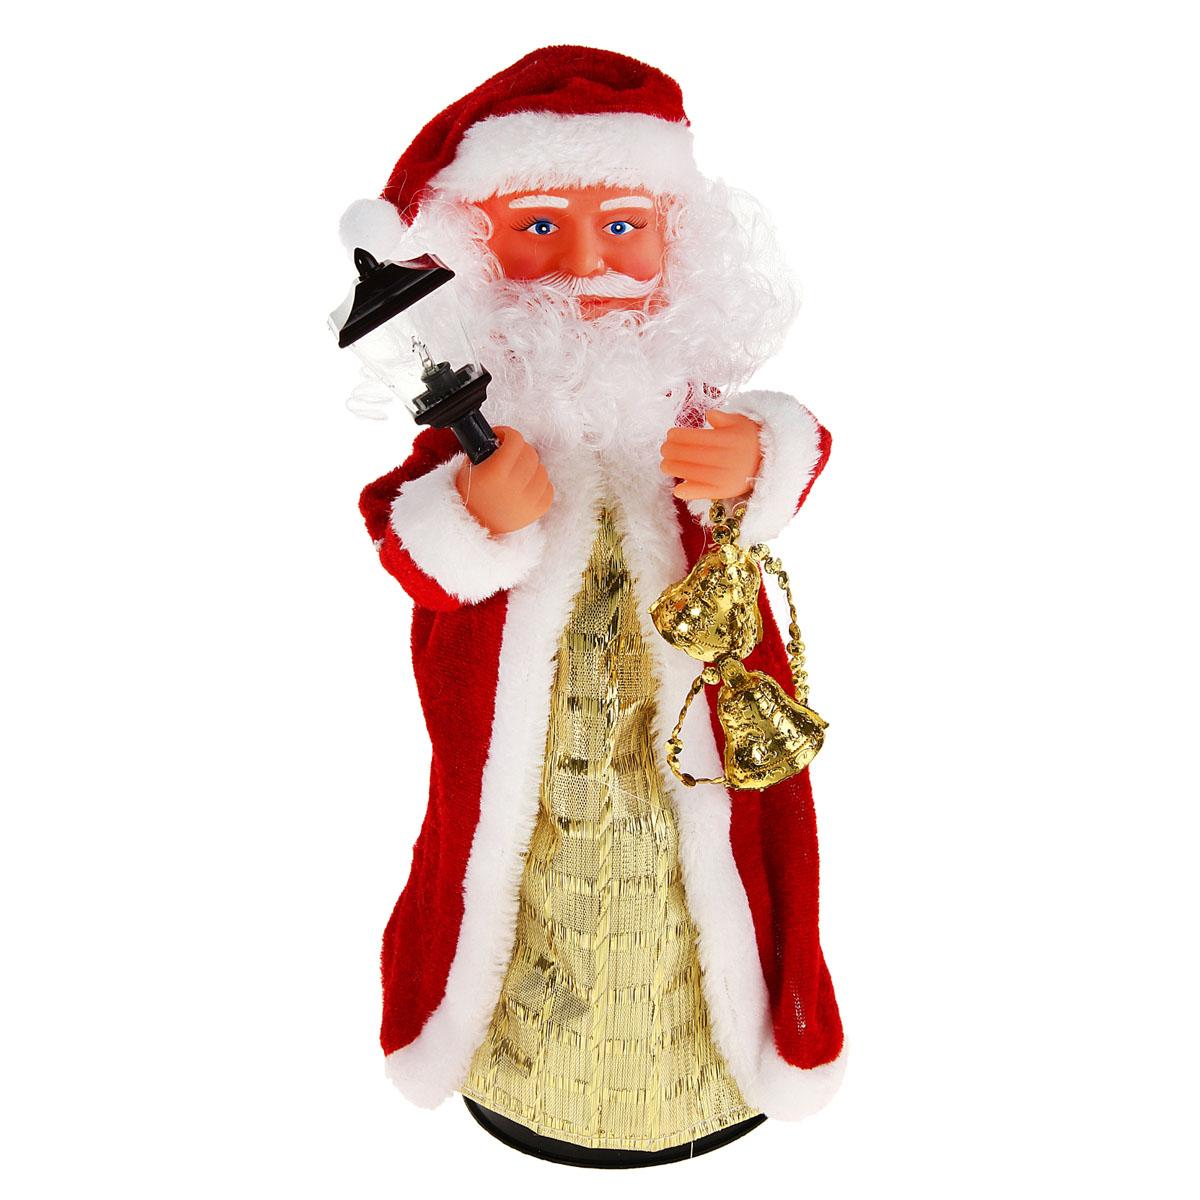 Новогодняя декоративная фигурка Sima-land Дед Мороз, анимированная, высота 28 см. 827831827831Новогодняя декоративная фигурка выполнена из высококачественного пластика в виде Деда Мороза. Дед Мороз одет в шубу с опушкой. На голове колпак в цвет шубы. В одной руке Дед Мороз держит фонарик, а в другой колокольчики. Особенностью фигурки является наличие механизма, при включении которого играет мелодия, фонарик светится, а кукла начинает крутиться вокруг своей оси, шевеля руками и головой. Его добрый вид и очаровательная улыбка притягивают к себе восторженные взгляды. Декоративная фигурка Дед Мороз подойдет для оформления новогоднего интерьера и принесет с собой атмосферу радости и веселья. УВАЖАЕМЫЕ КЛИЕНТЫ! Обращаем ваше внимание на тот факт, что декоративная фигурка работает от трех батареек типа АА/R6/UM-3 напряжением 1,5V. Батарейки в комплект не входят.